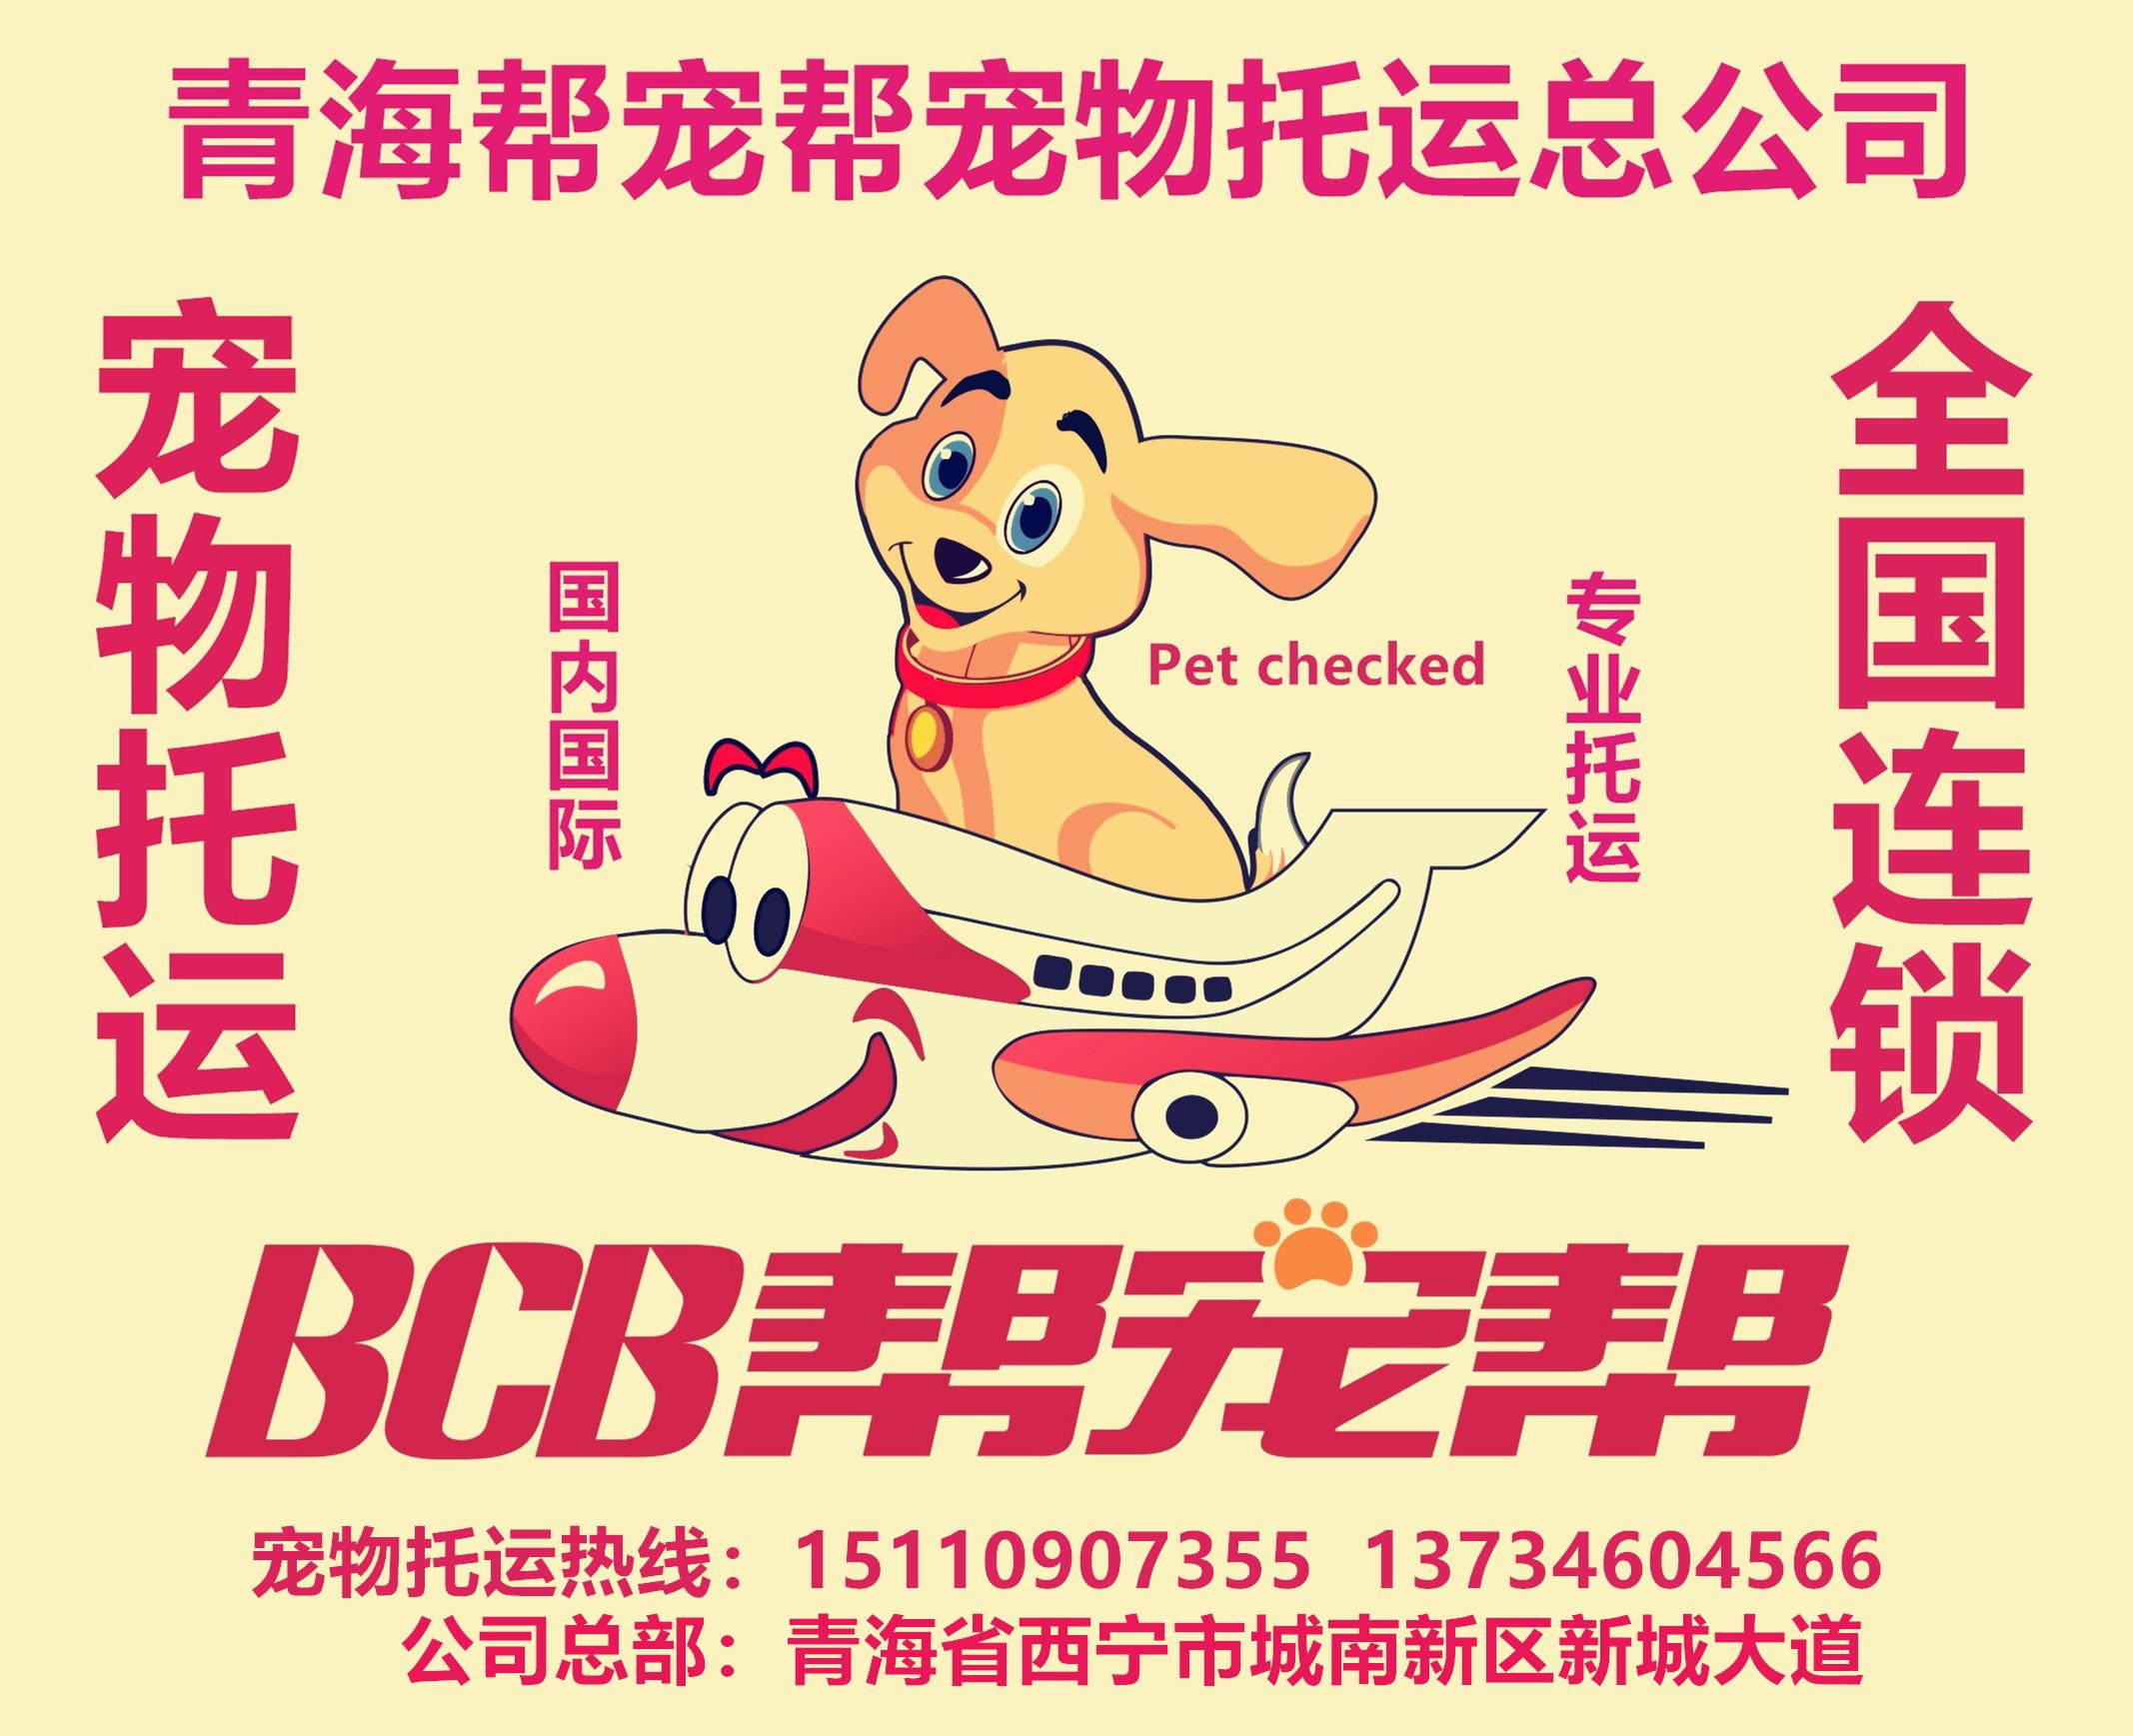 西宁宠物托运省心放心安心找西宁帮宠帮宠物托运